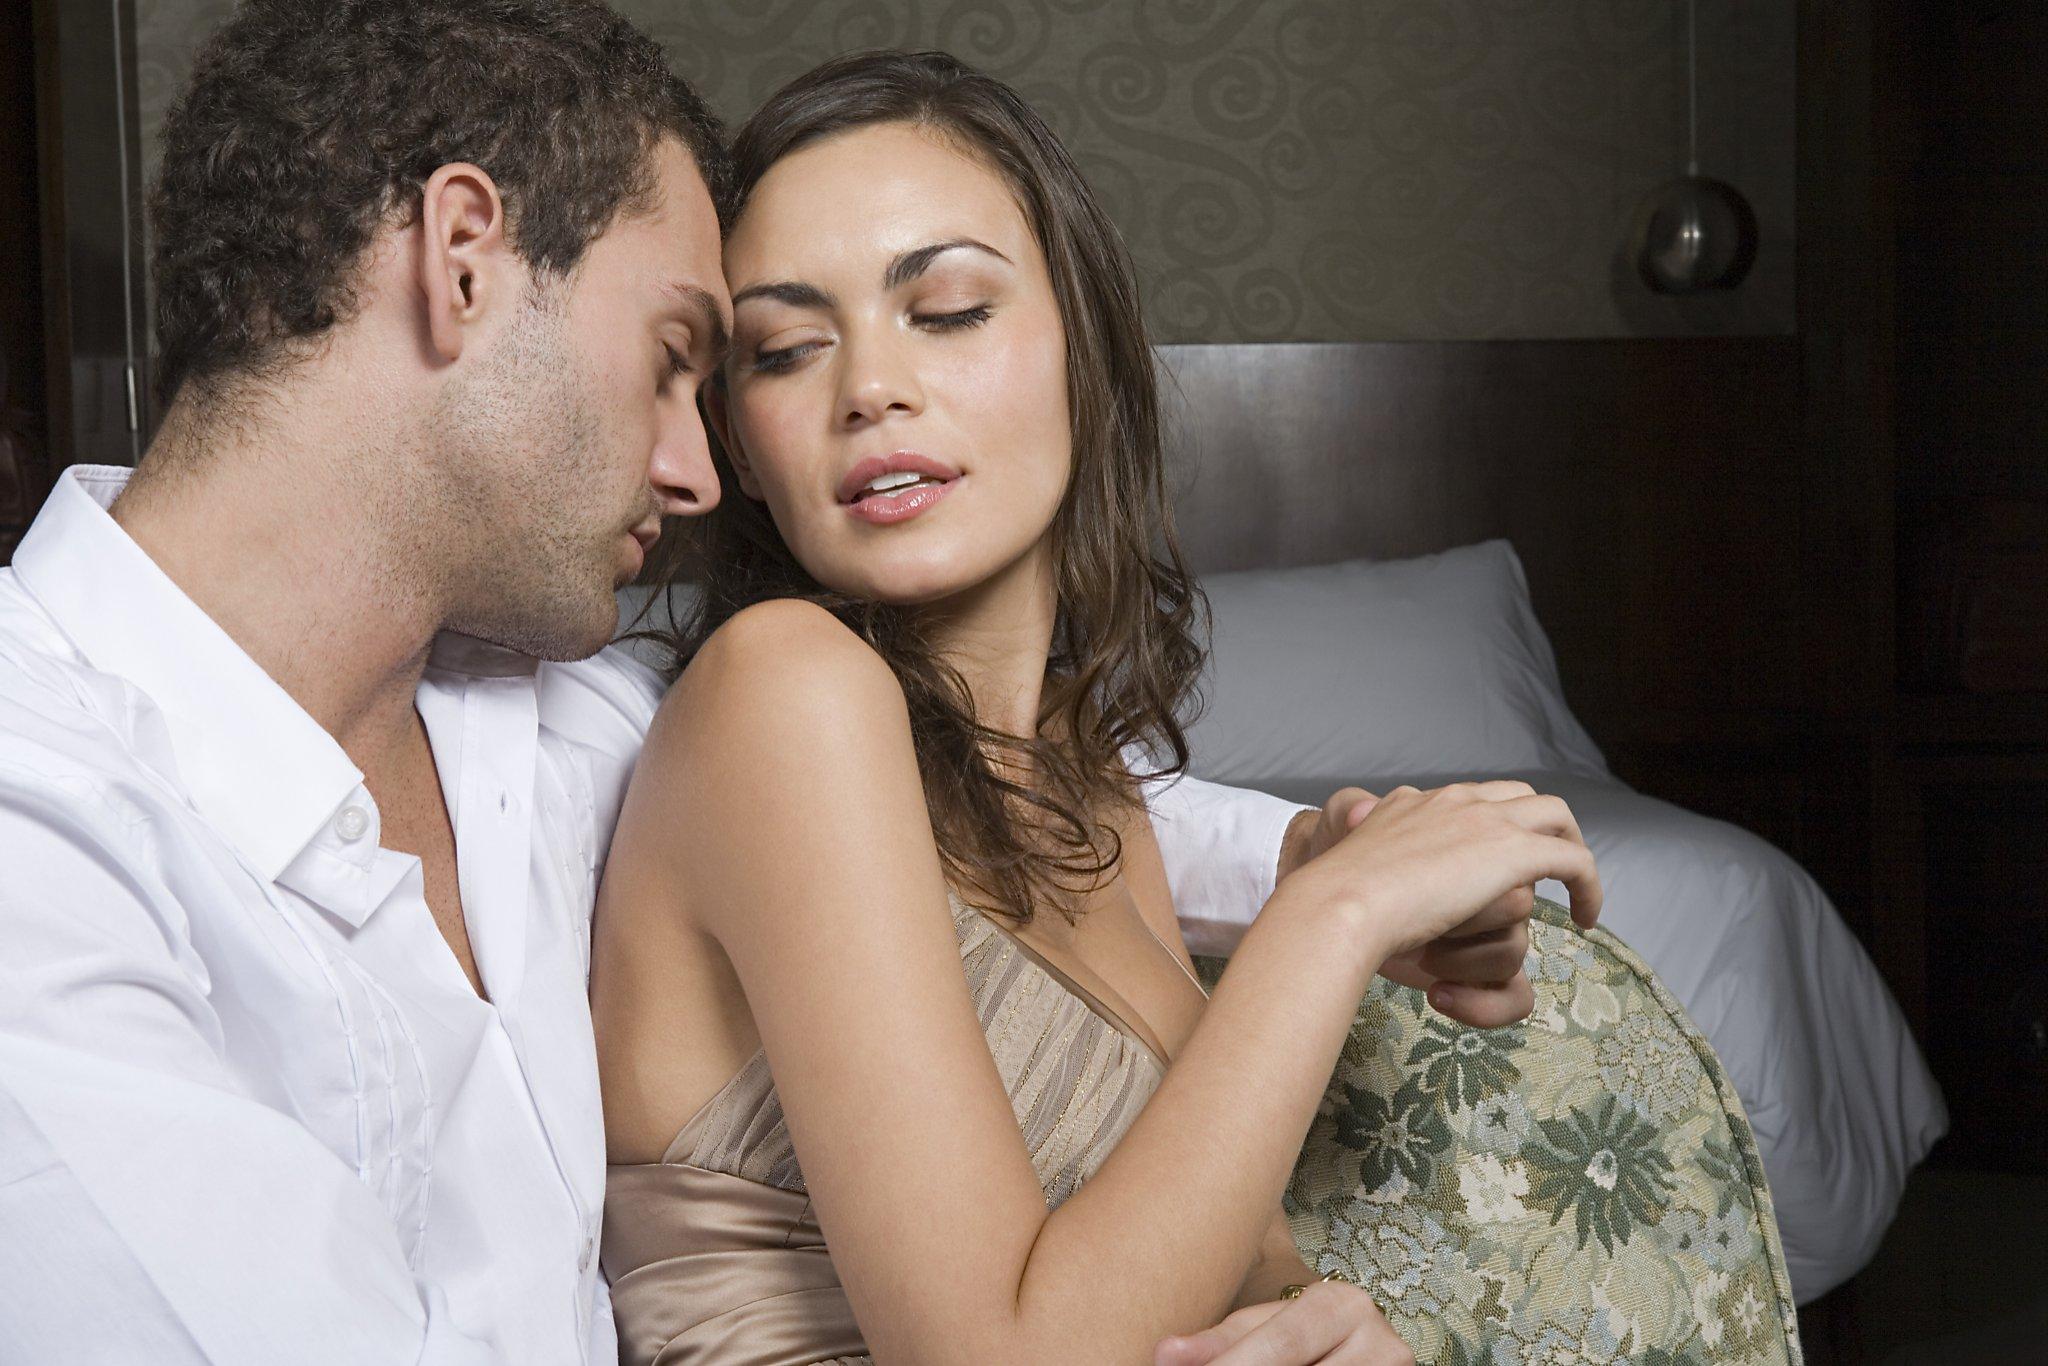 Смотреть онлайн жена не знала что с мужем будет еще и друг 1 фотография